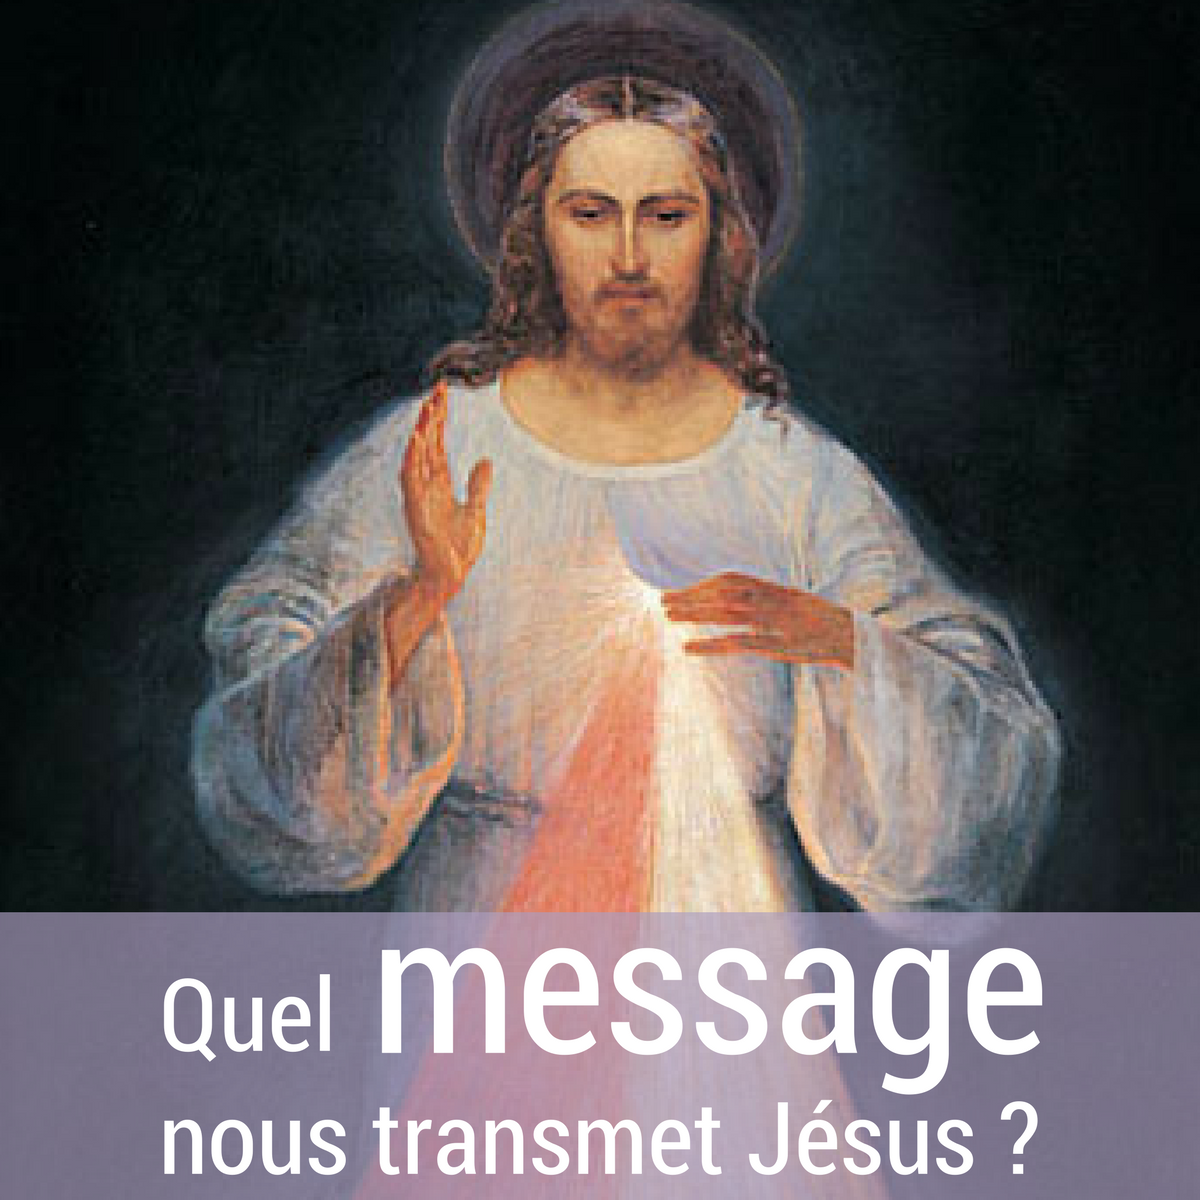 Quel message nous transmet Jésus ?